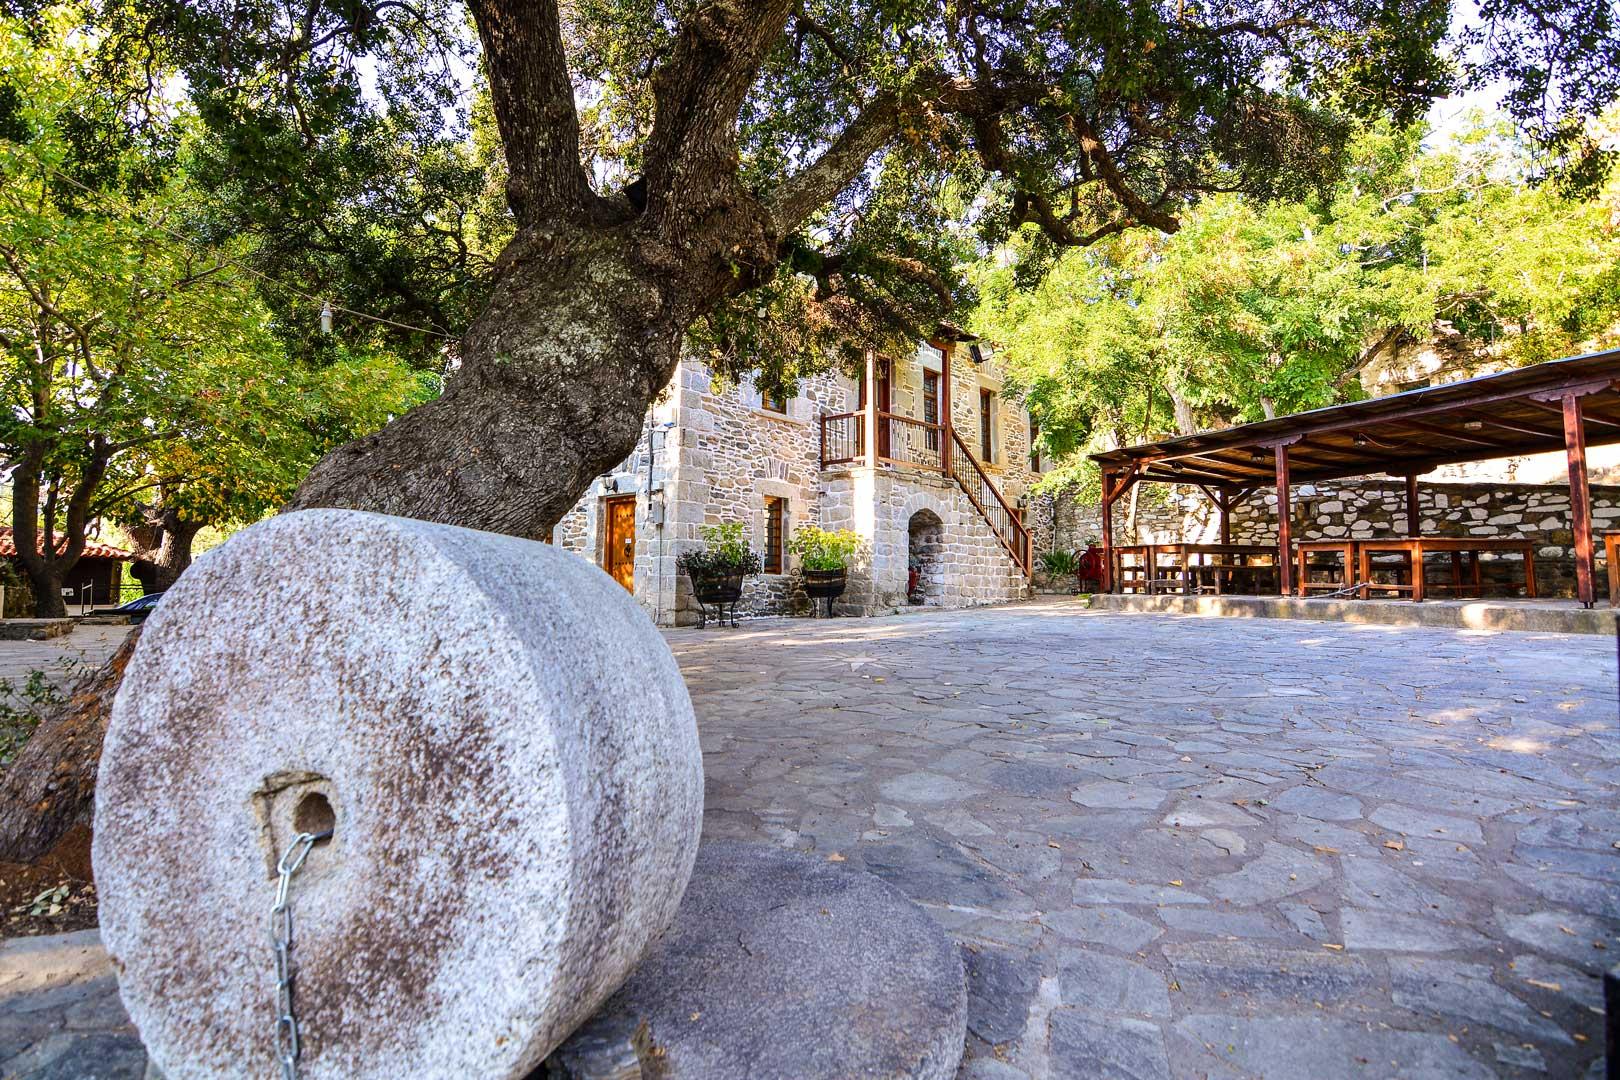 Λαογραφικό μουσείο Παρθενώνα Χαλκιδικής travelshare.gr